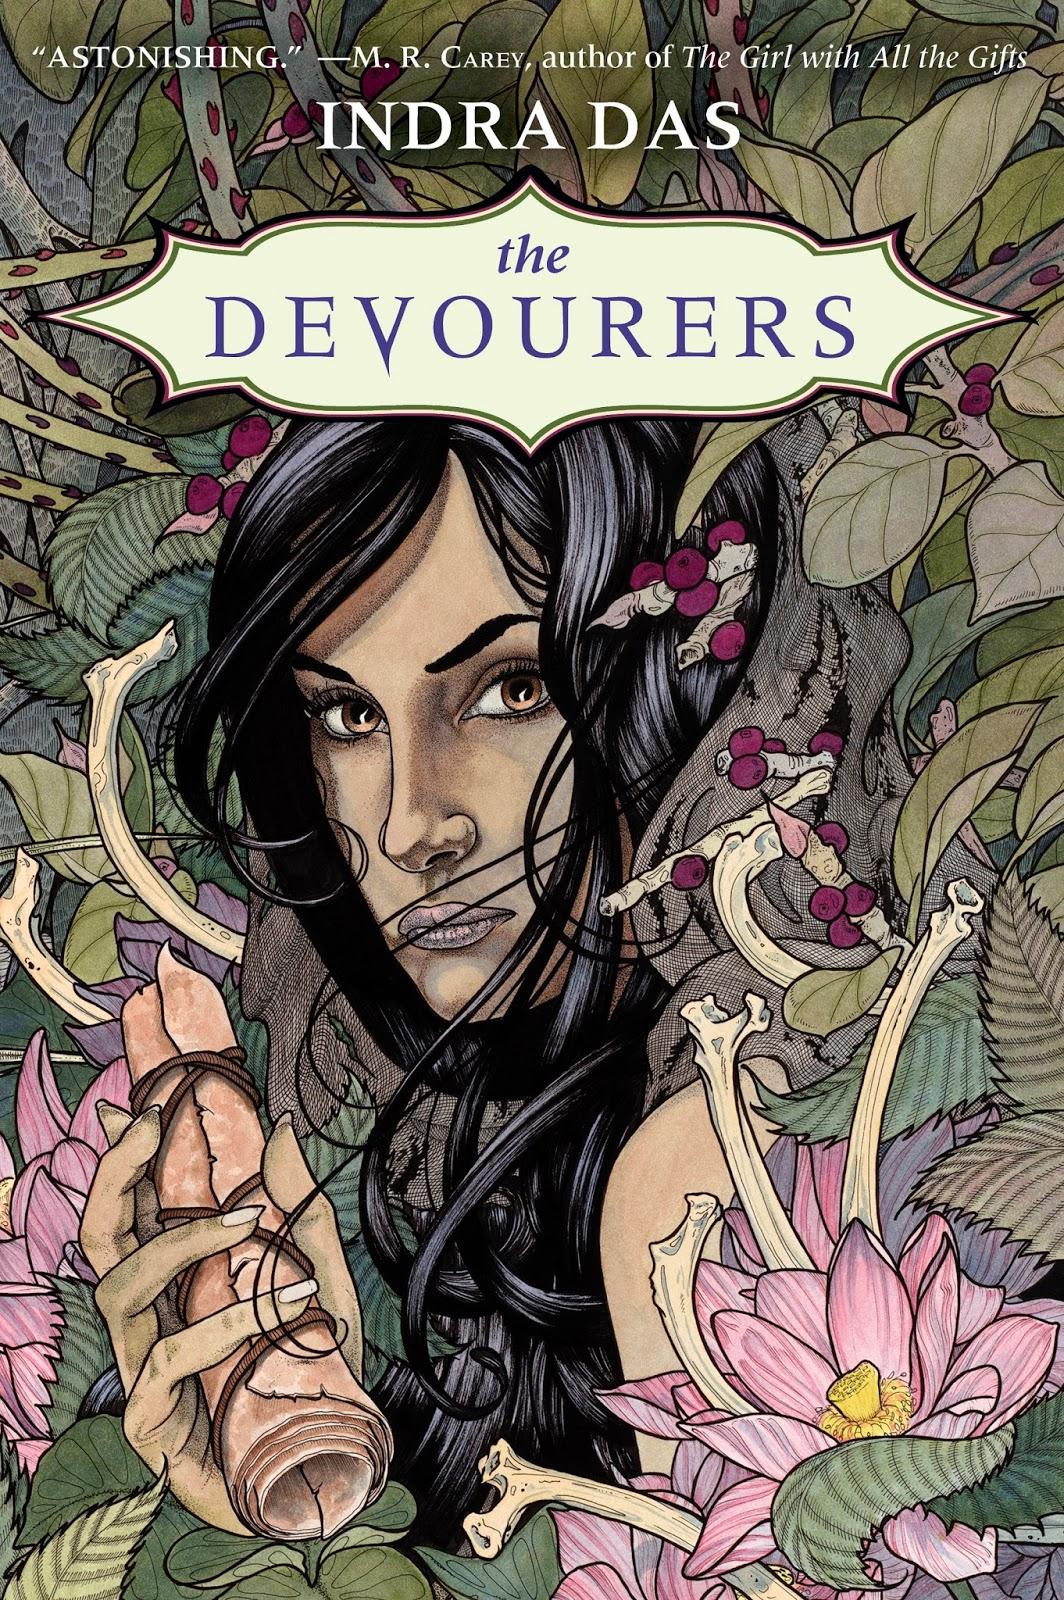 DEVOURERS - cover